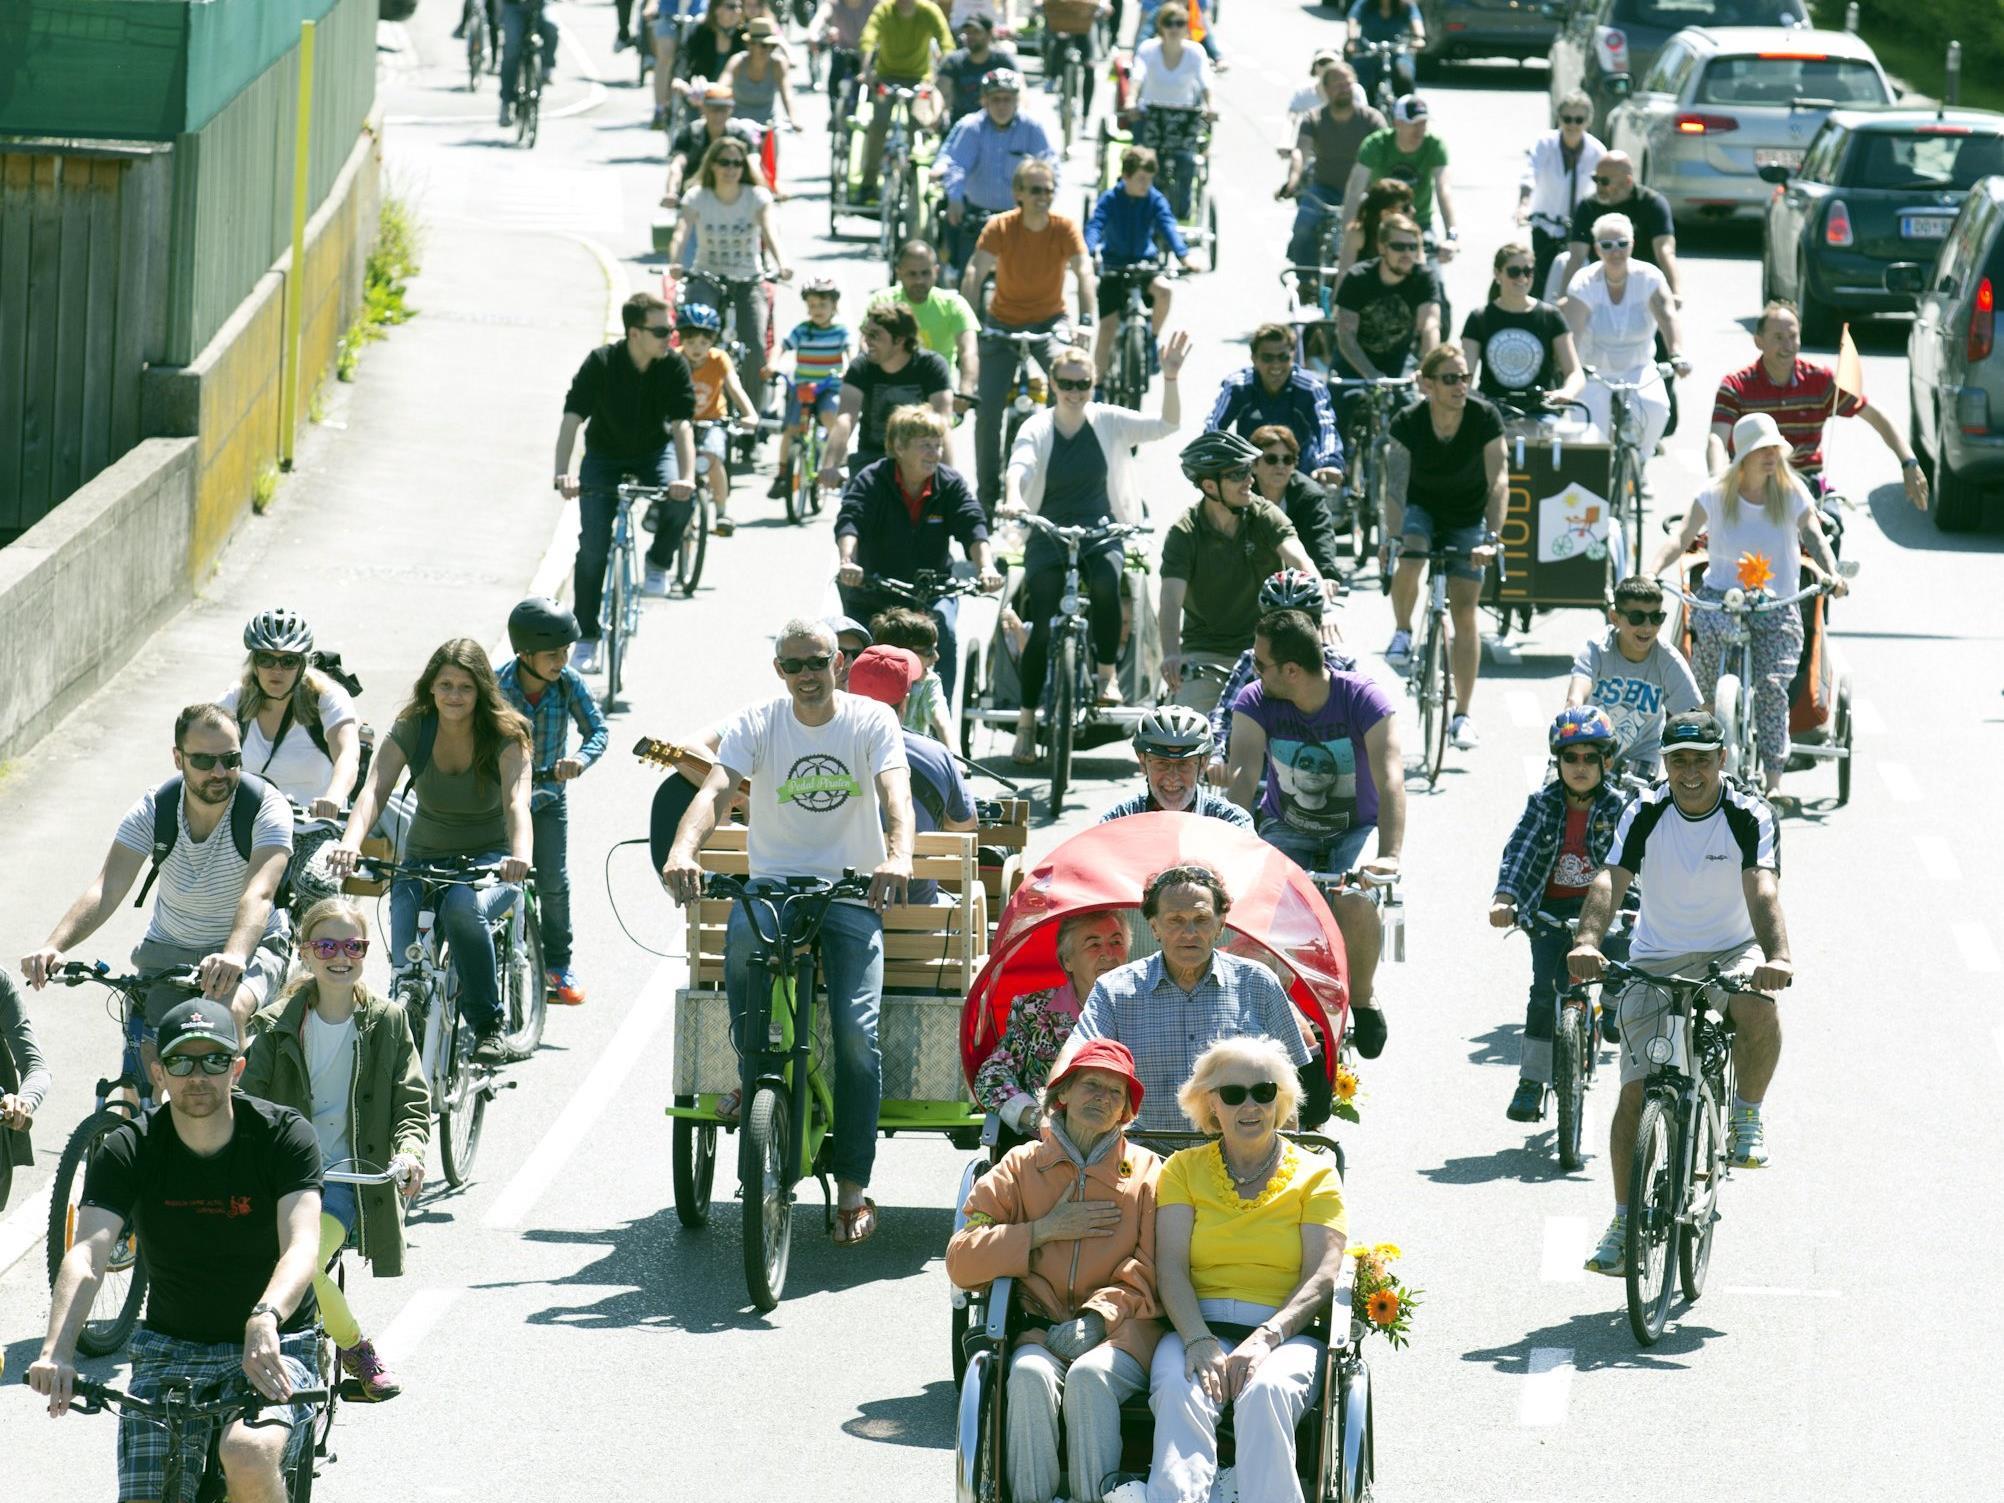 Zweite Fahrradparade in Lustenau, am 6. Mai. Start um 12 Uhr bei Virglers Hochstat.